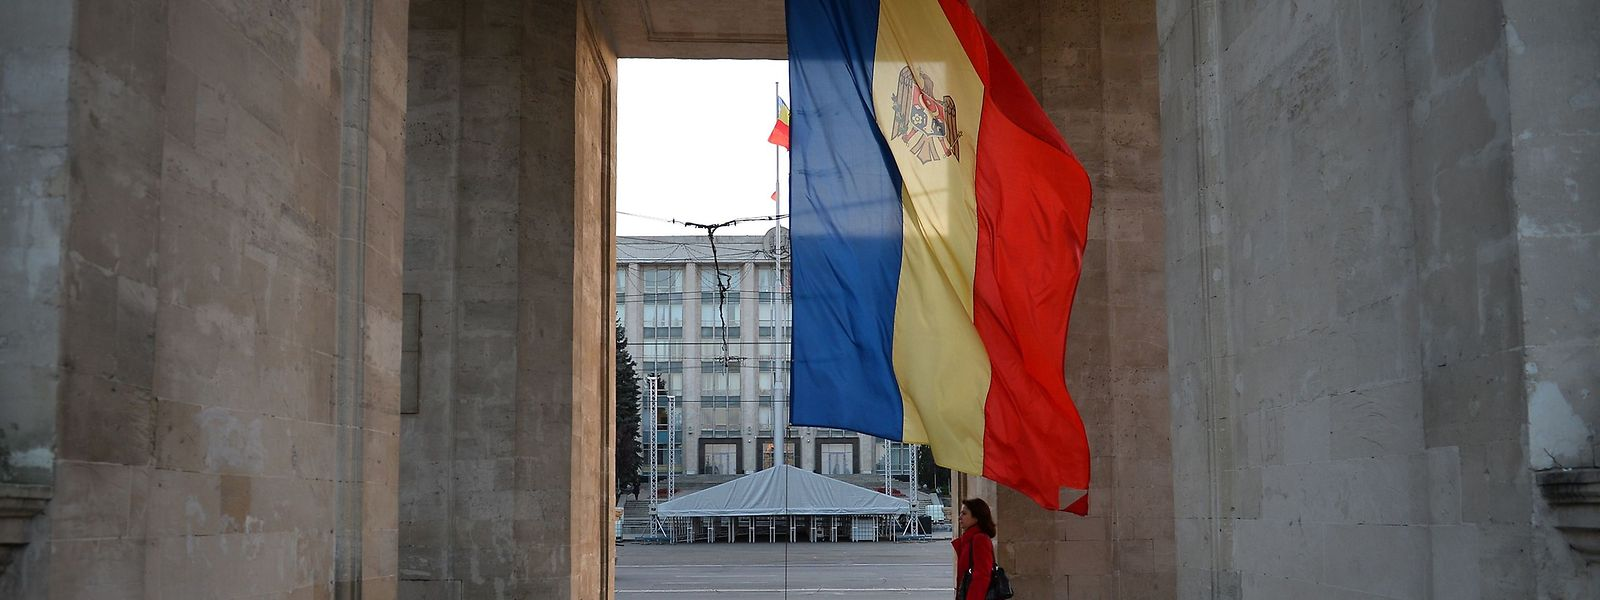 Moldau mit seinen 3,5 Millionen Einwohnern liegt zwischen der Ukraine und Rumänien im politischen Spannungsfeld zwischen Russland und der EU